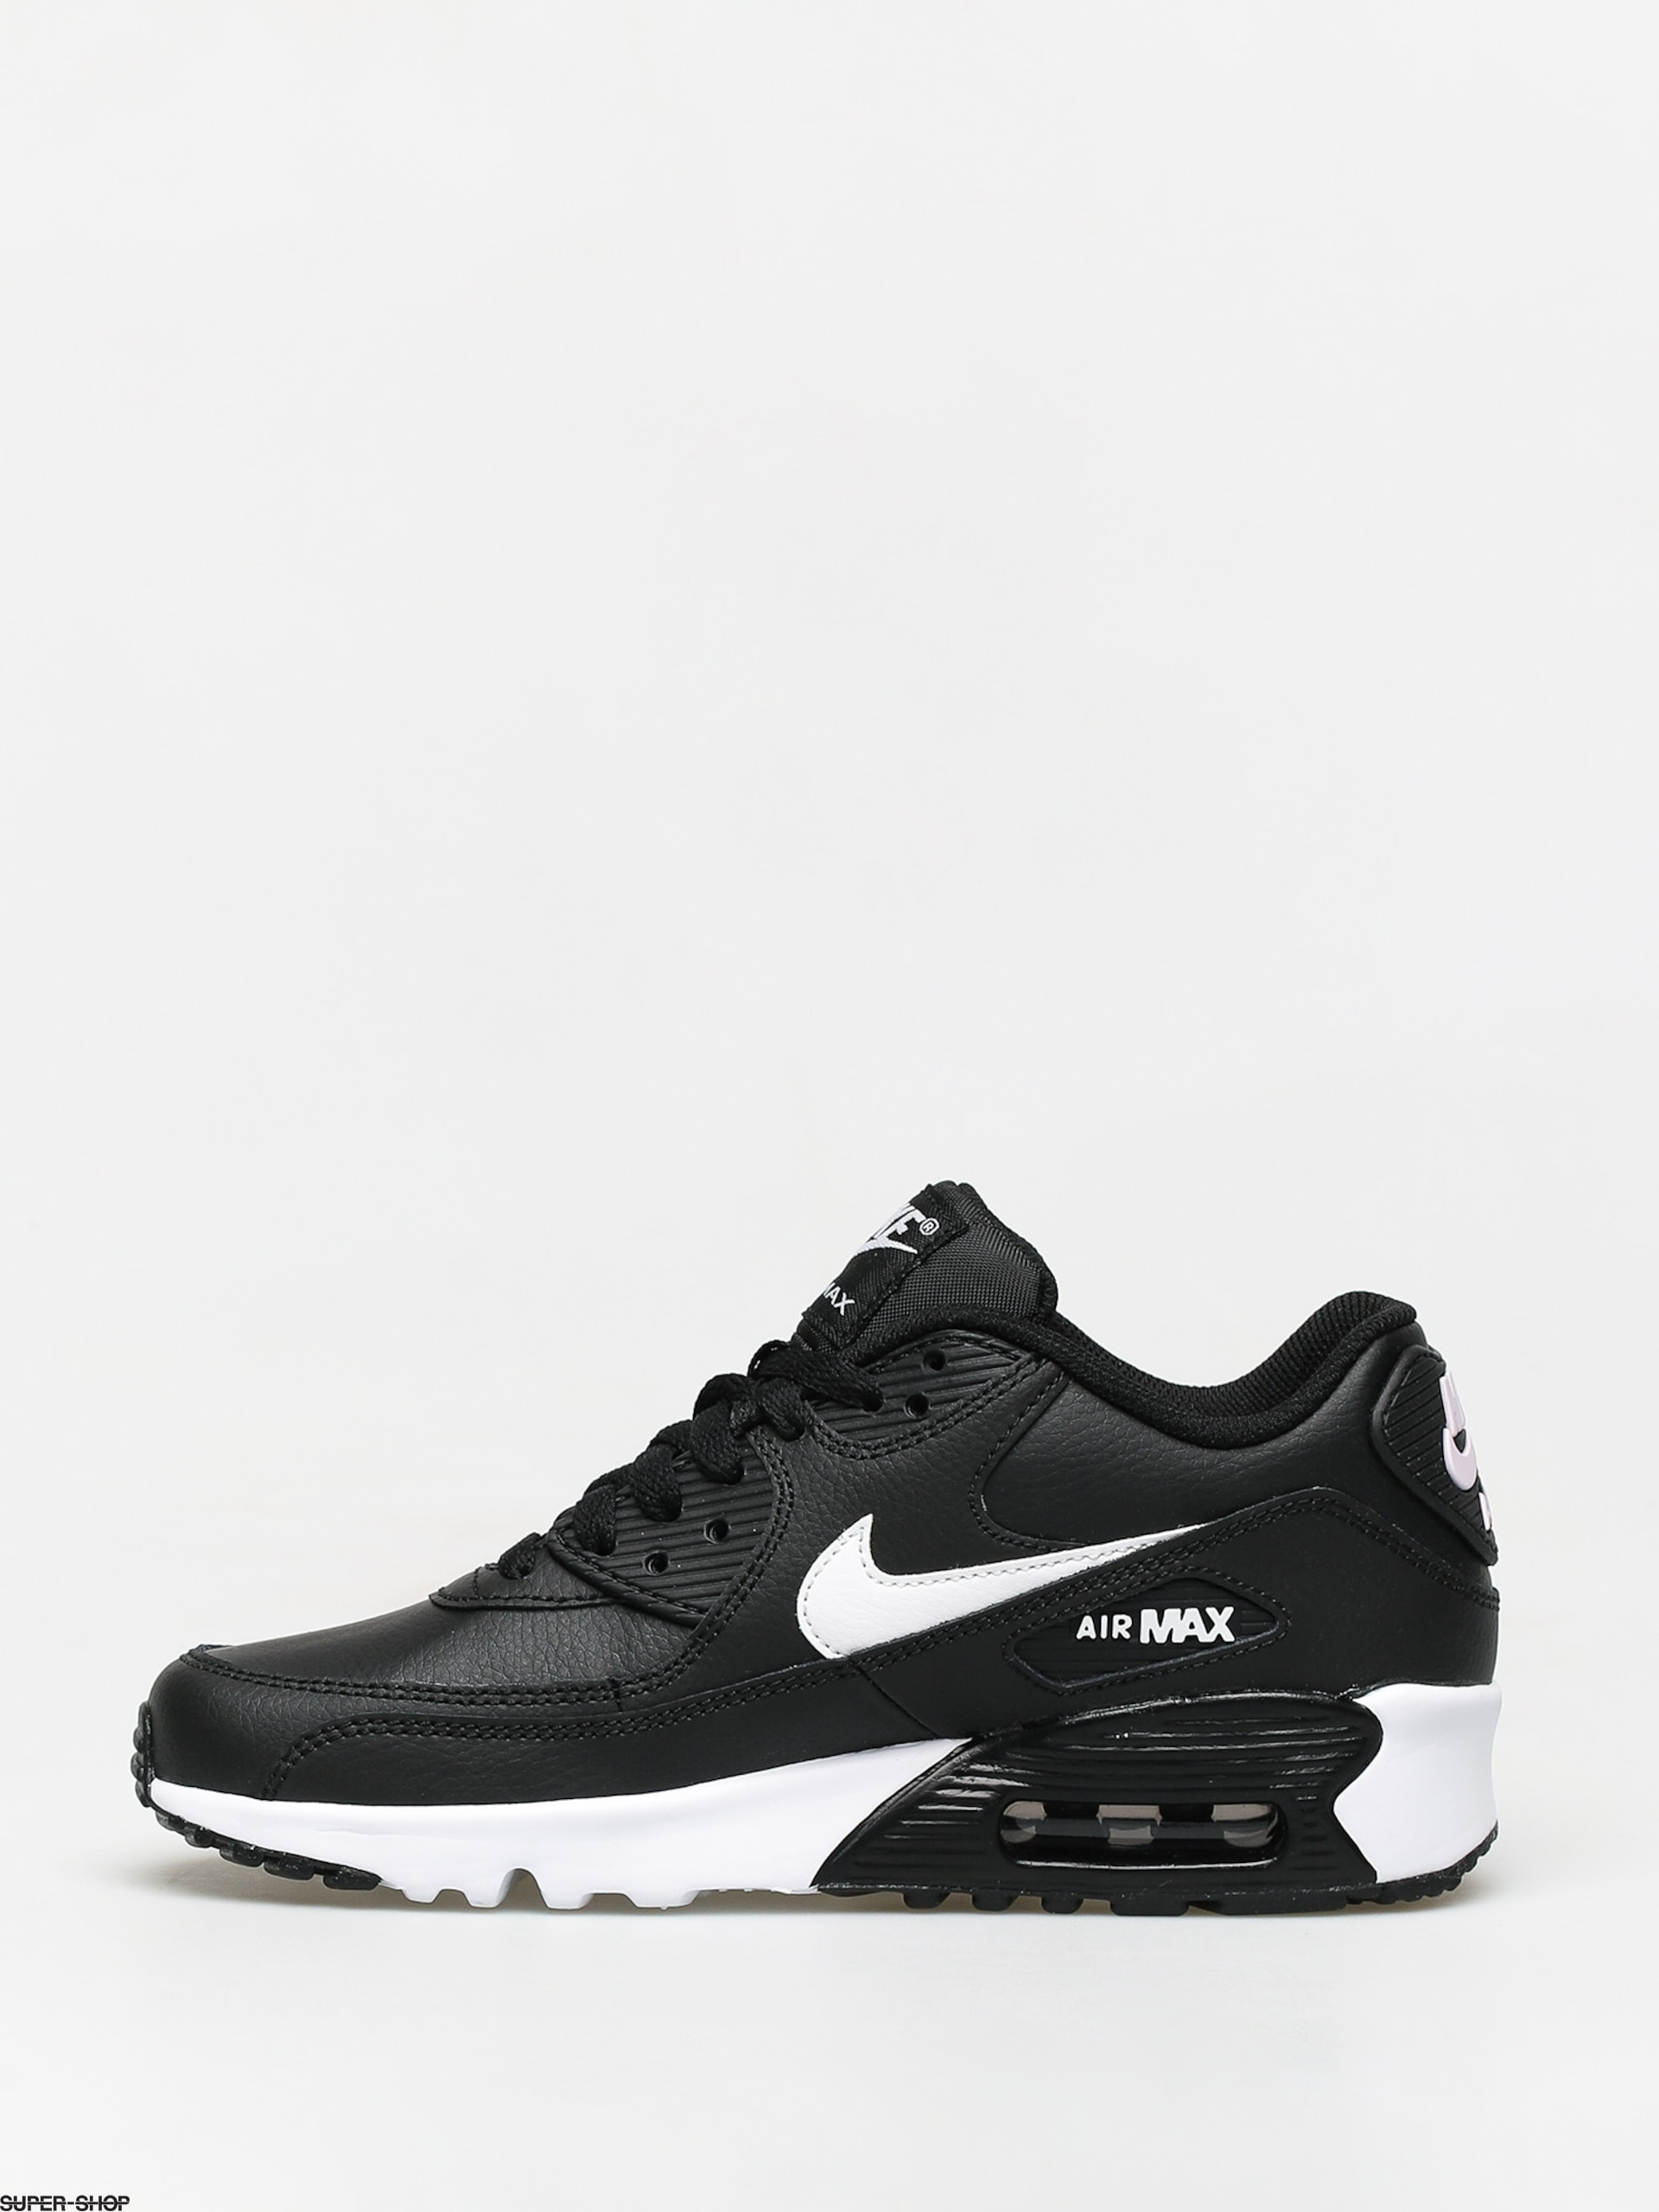 Nike Air Max 90 Ltr Gs Shoes (black